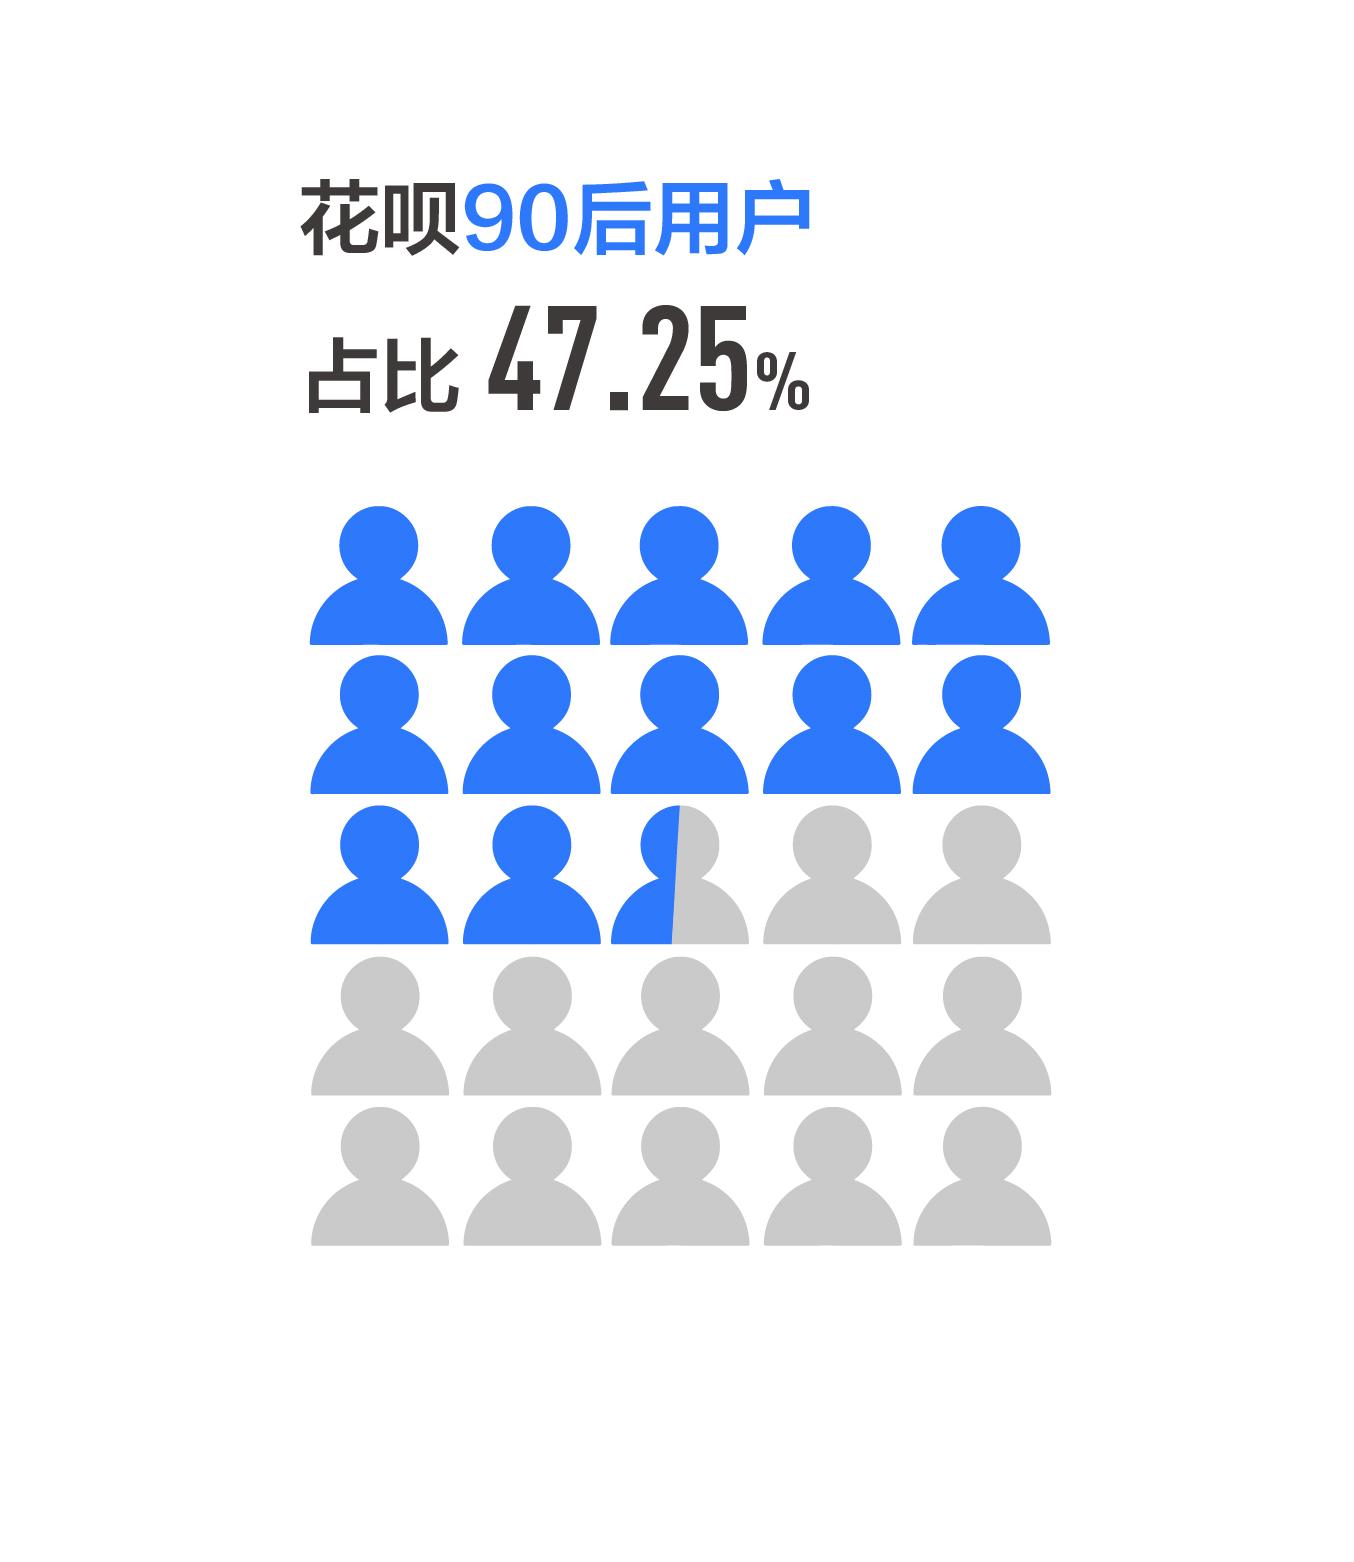 图2:花呗90后占比47.25%